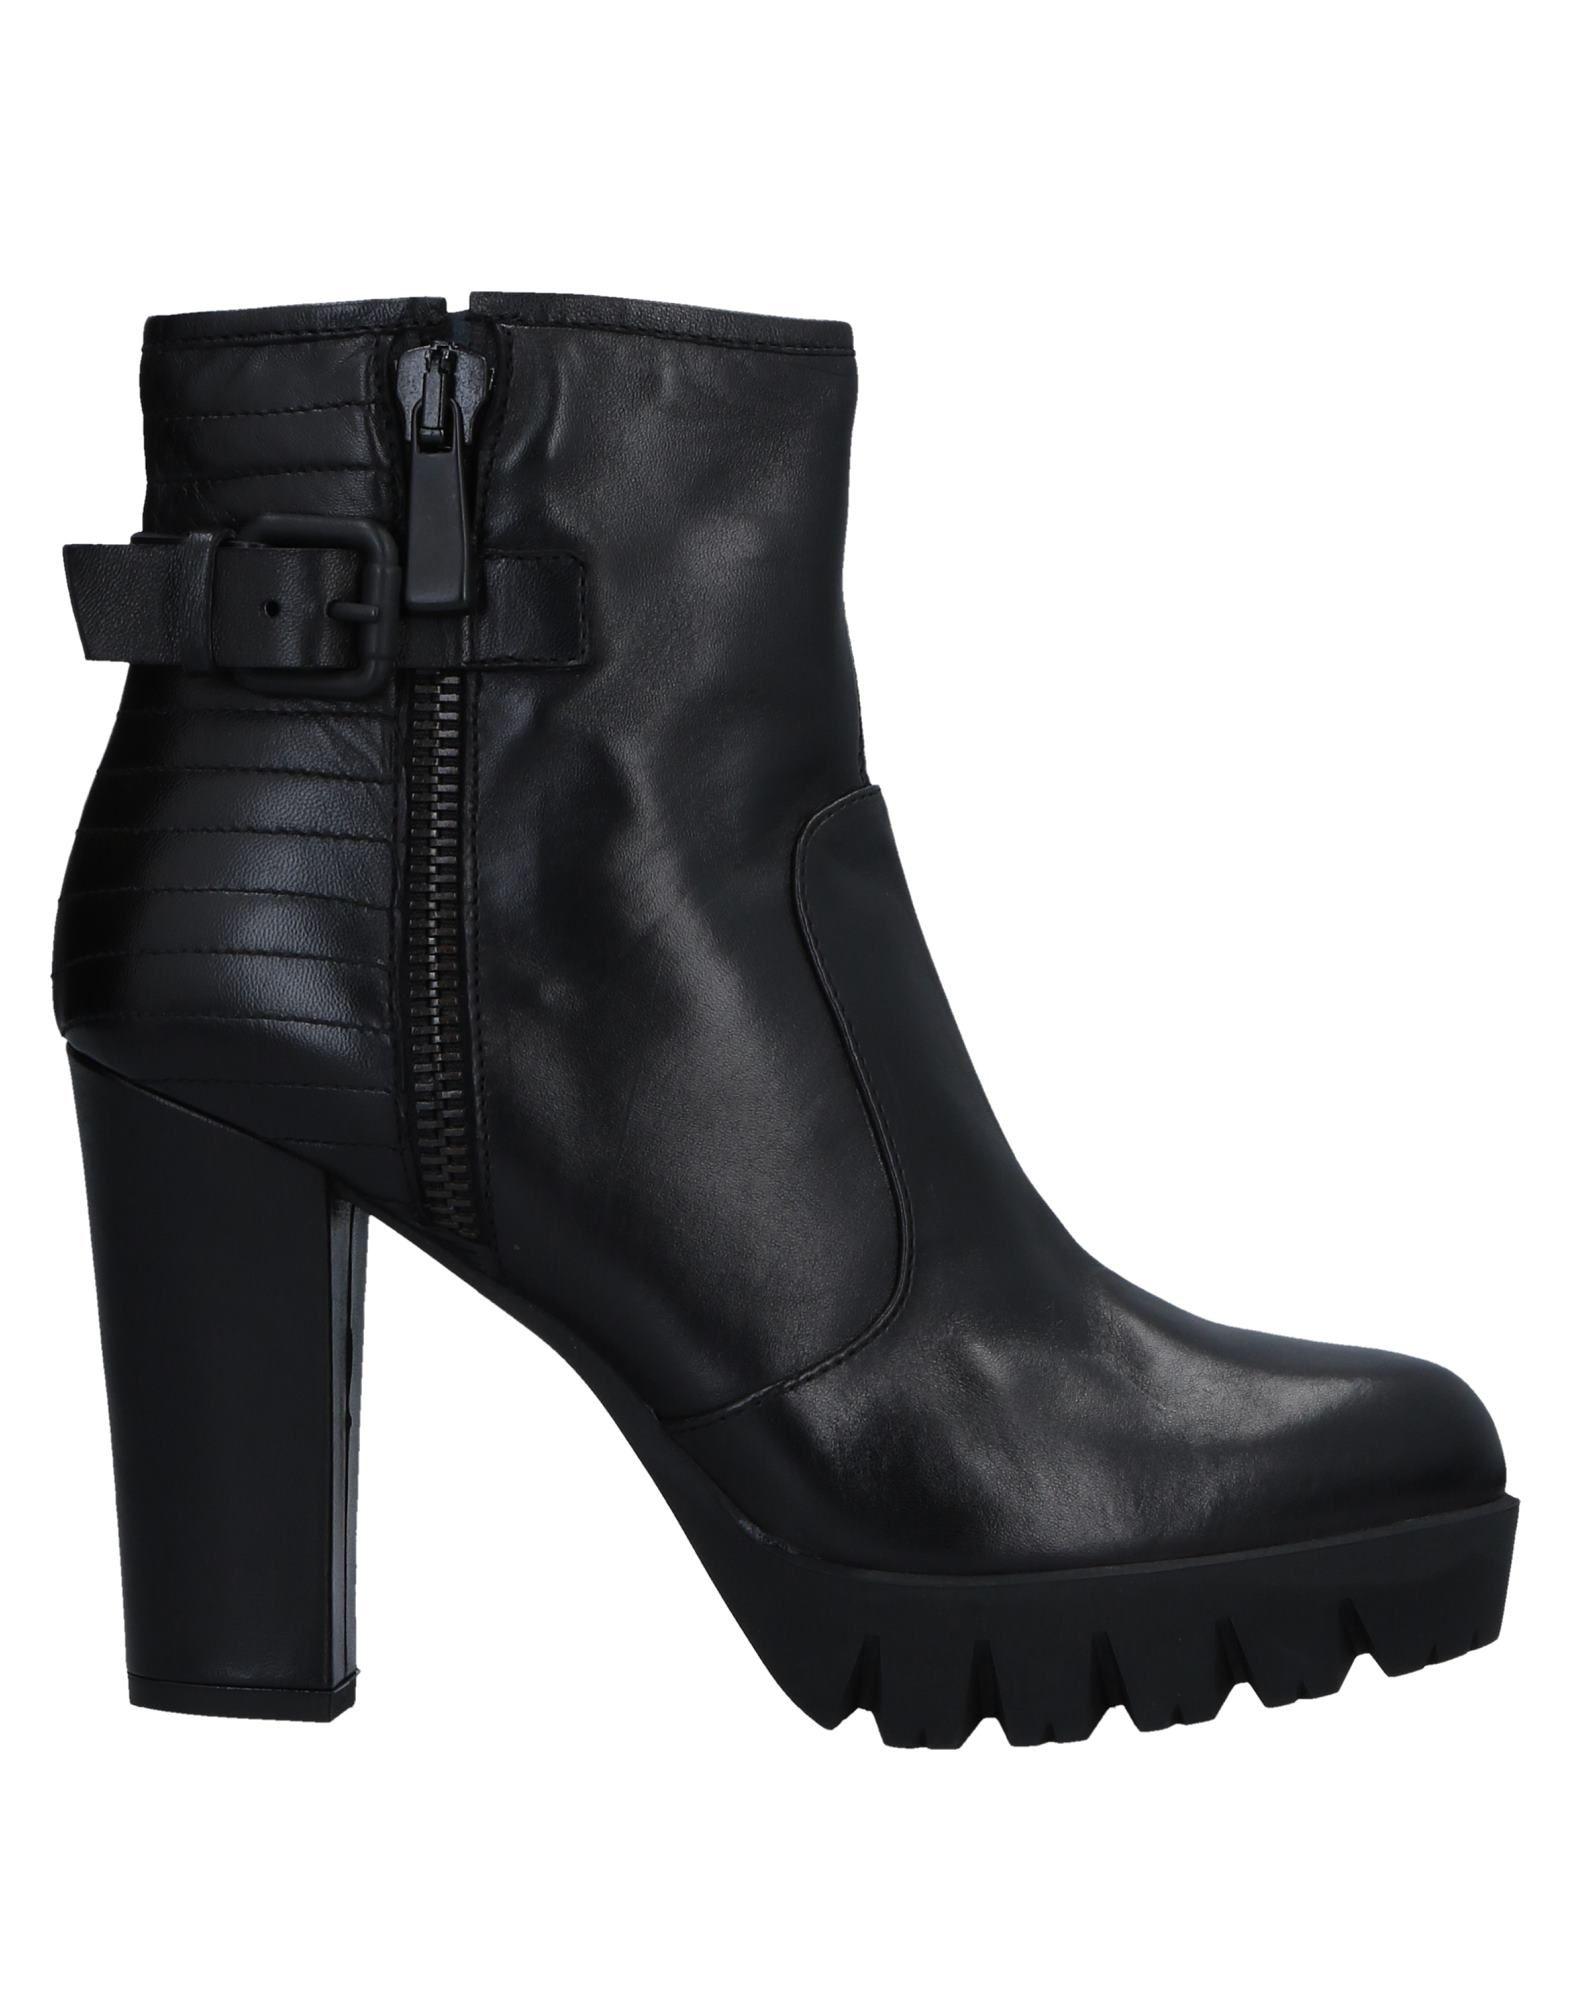 Chantal Stiefelette 11514277MG Damen  11514277MG Stiefelette Heiße Schuhe eeee46